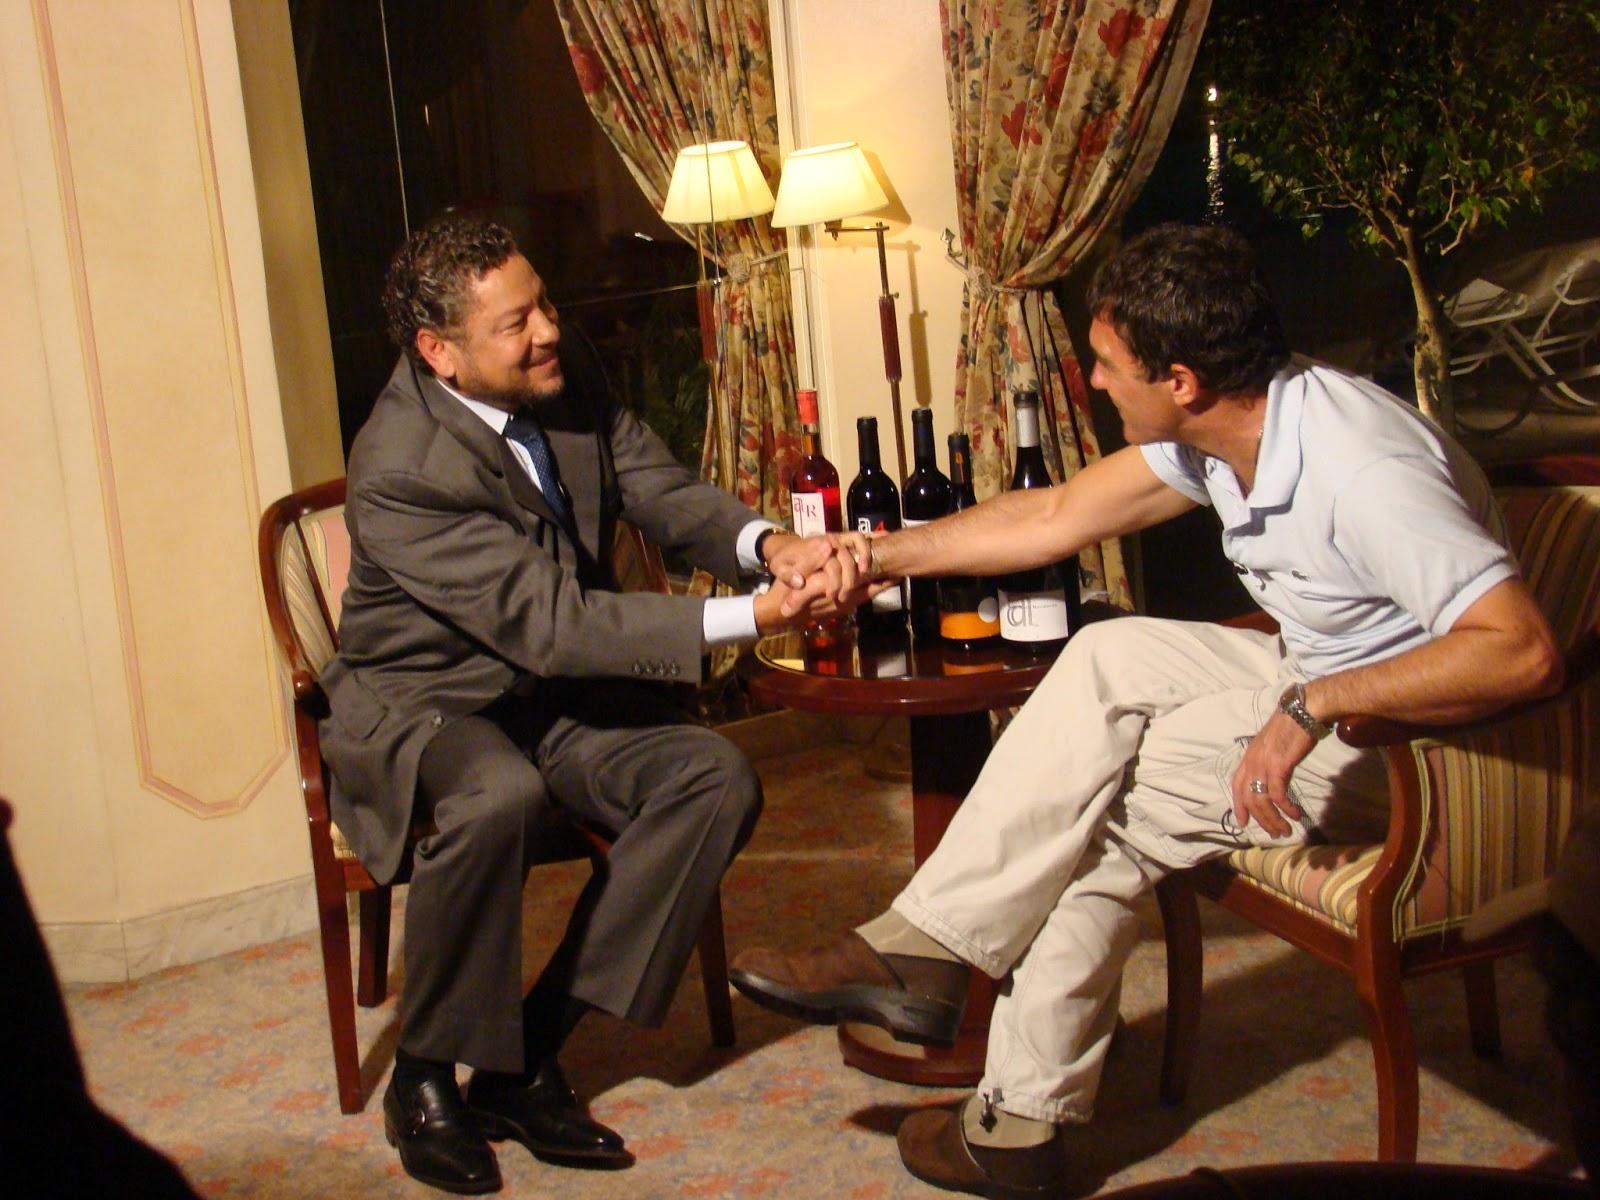 http://3.bp.blogspot.com/-mJ6DpRXfBO0/UPcm6id-3qI/AAAAAAAAD28/q_hjMeU-NpQ/s1600/Entrevista03.JPG